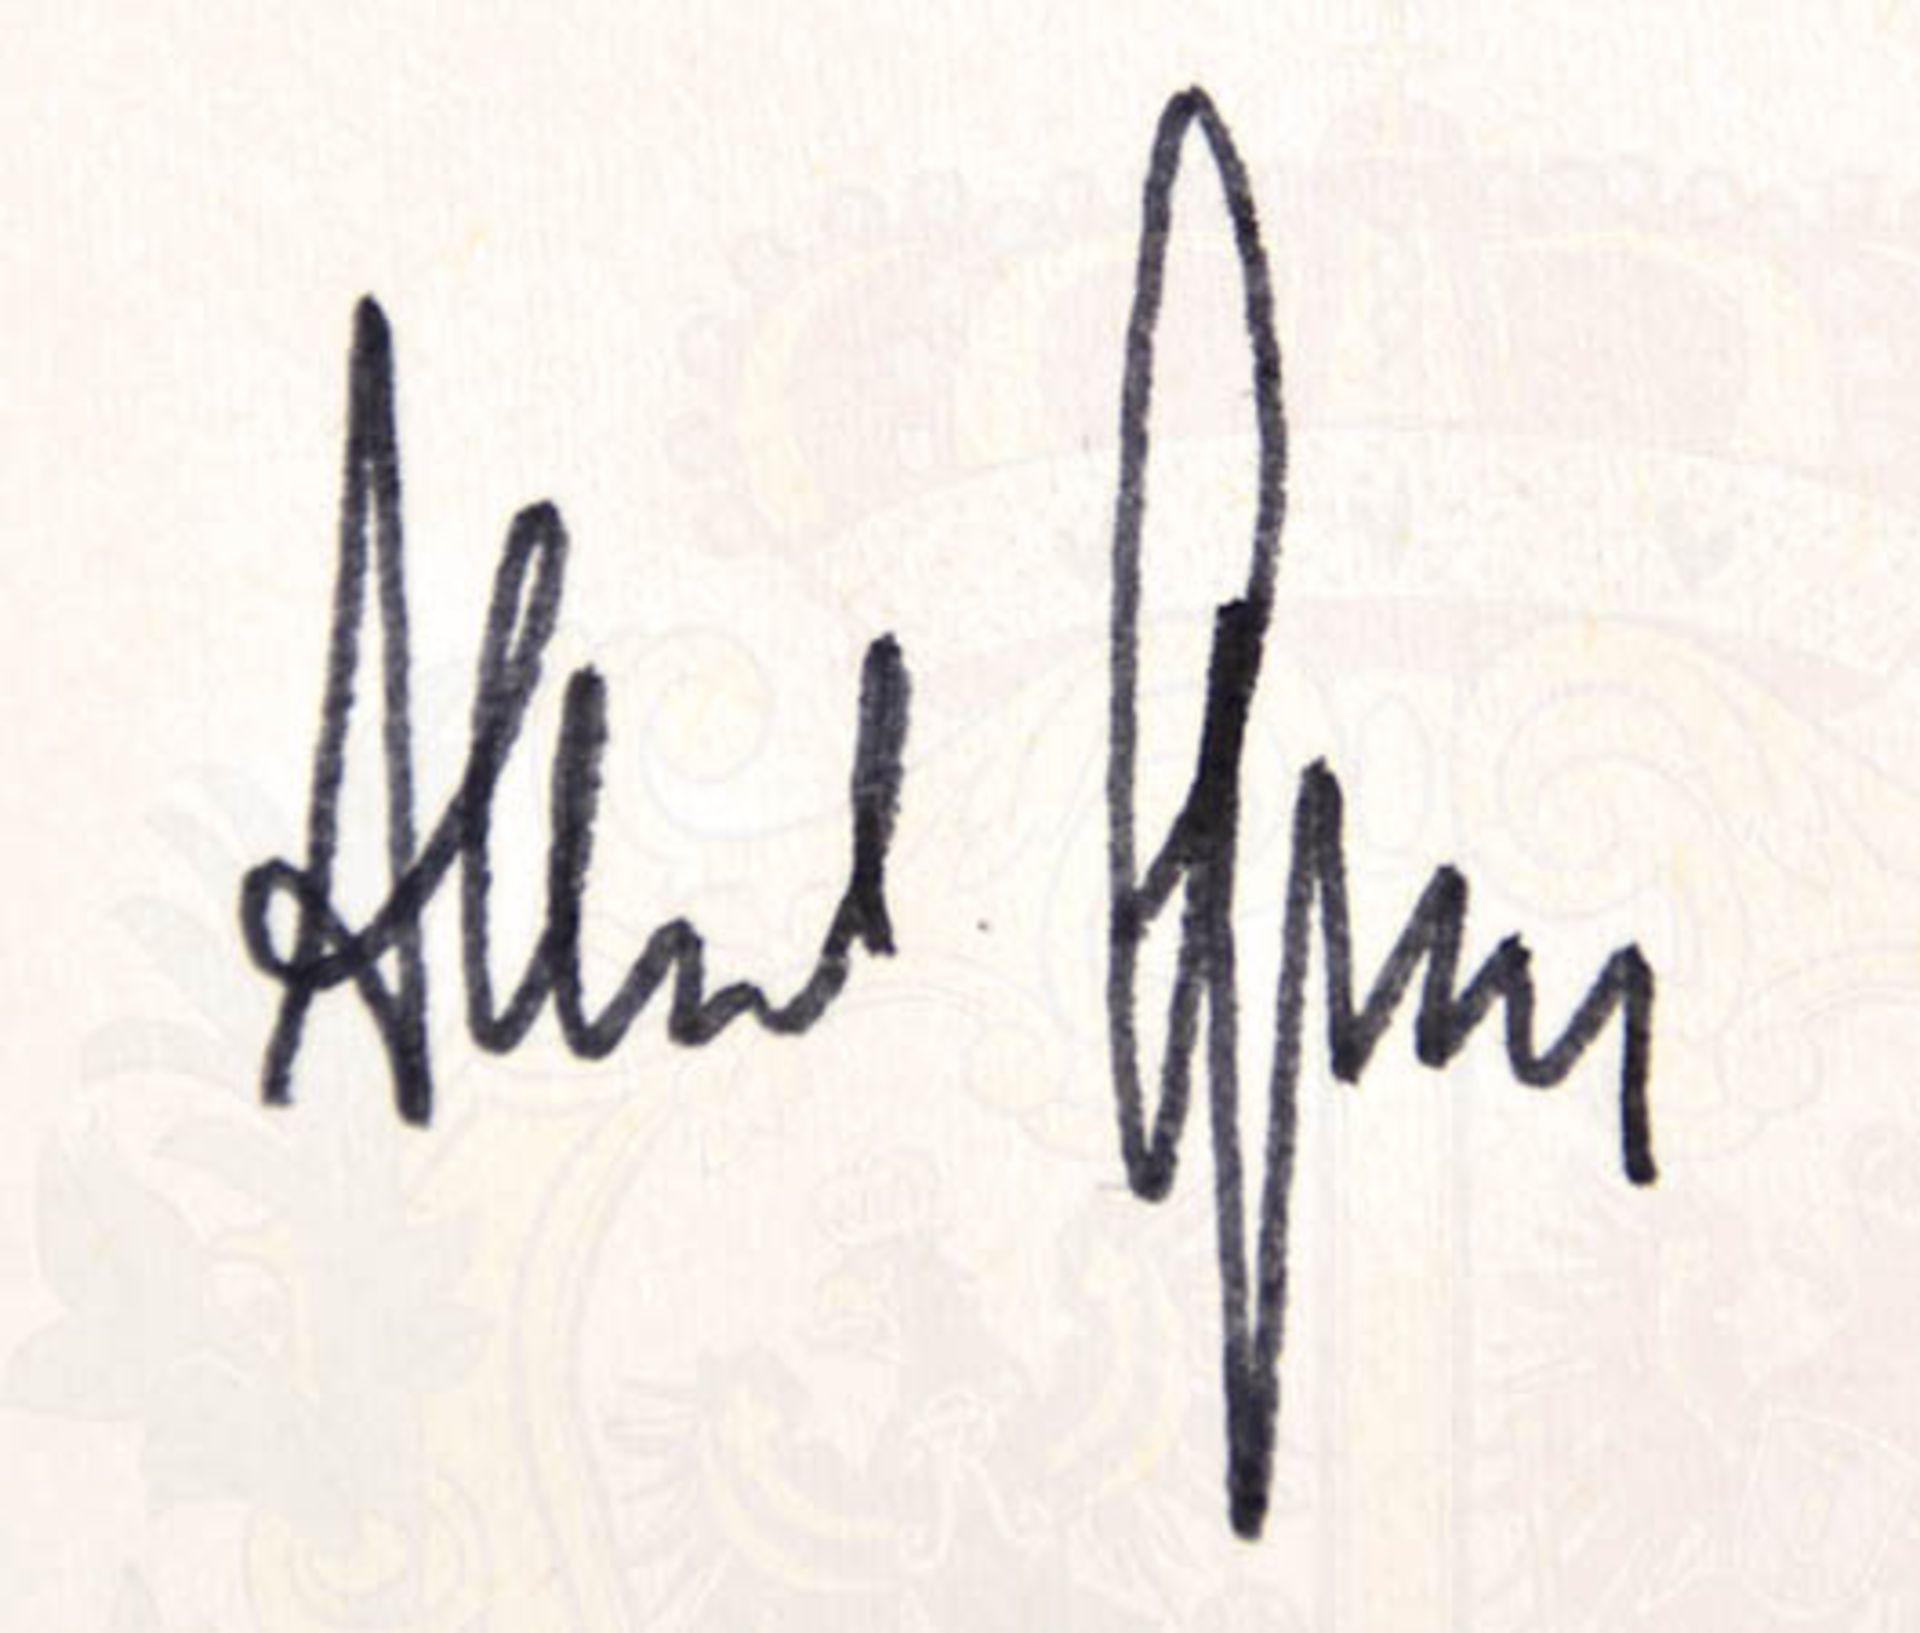 ALBERT SPEER (1905-1981), dt. Architekt und Reichsminister für Rüstung u. Kriegsproduktion, Tinten- - Bild 2 aus 2